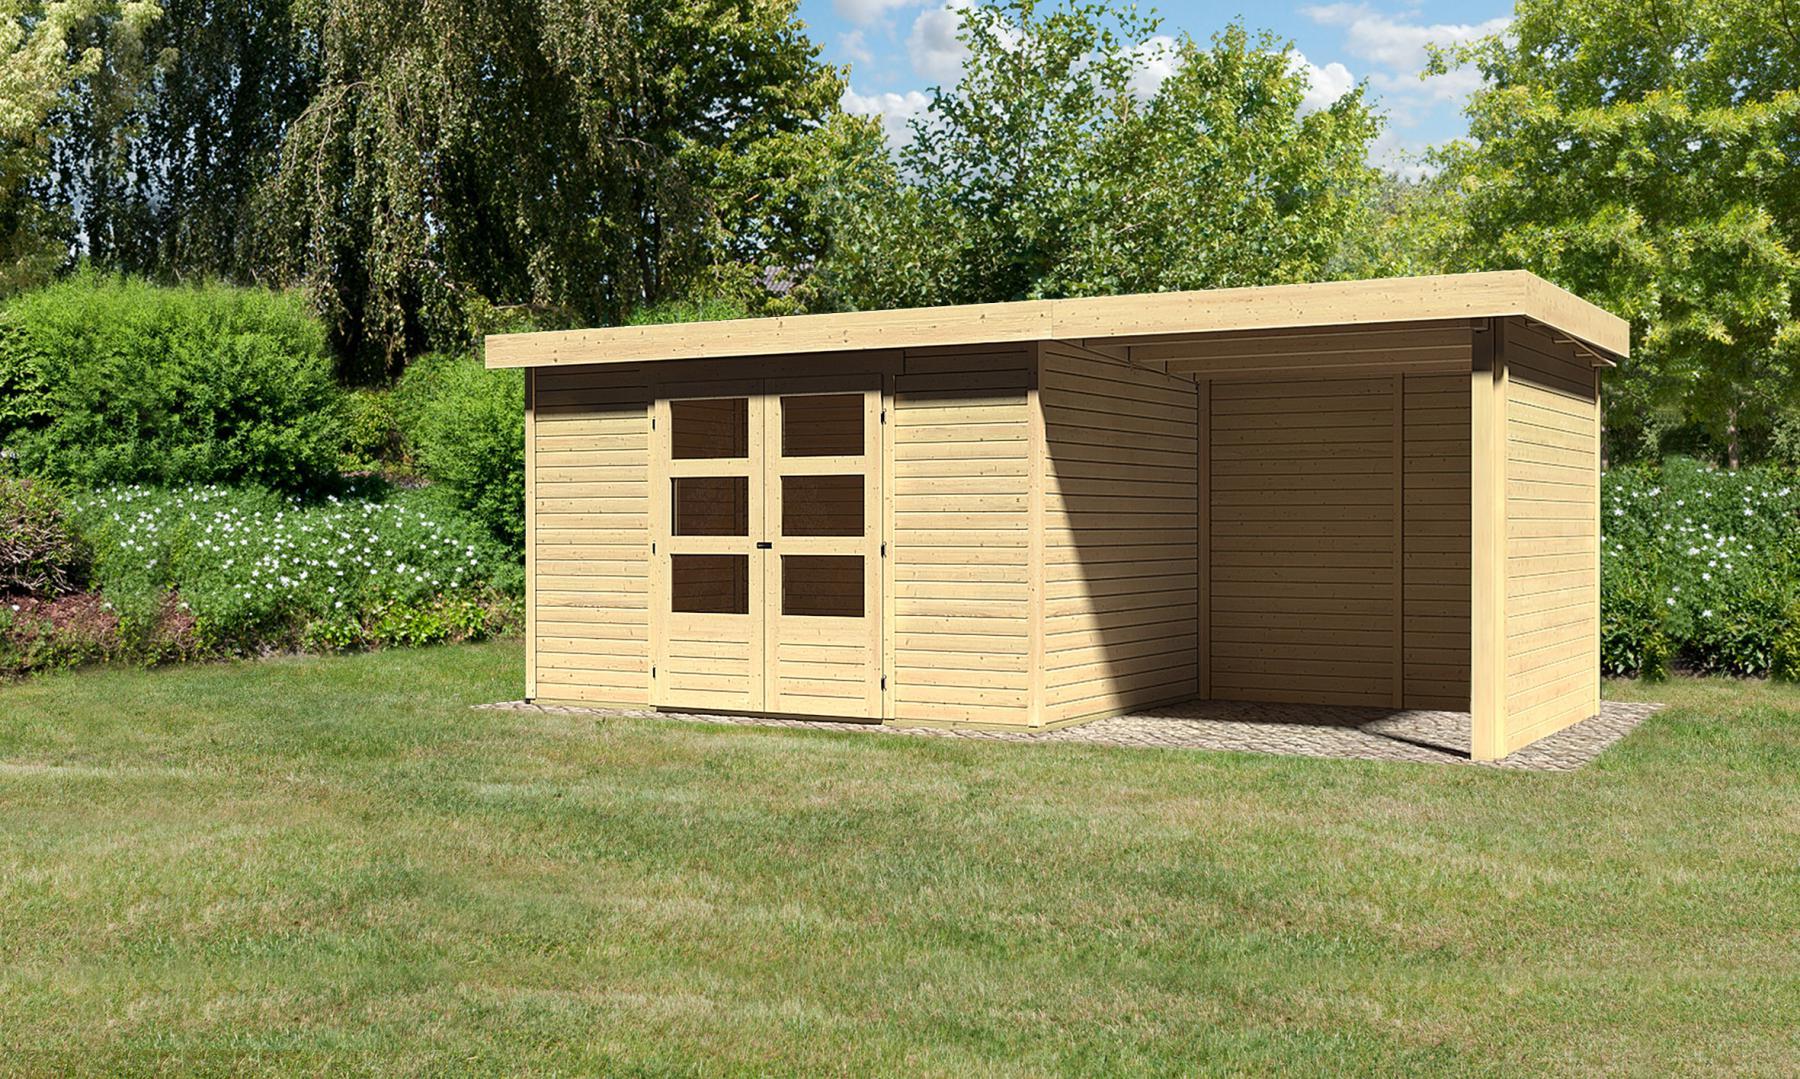 beste gartenhaus mit terrasse aus polen schema garten design ideen. Black Bedroom Furniture Sets. Home Design Ideas